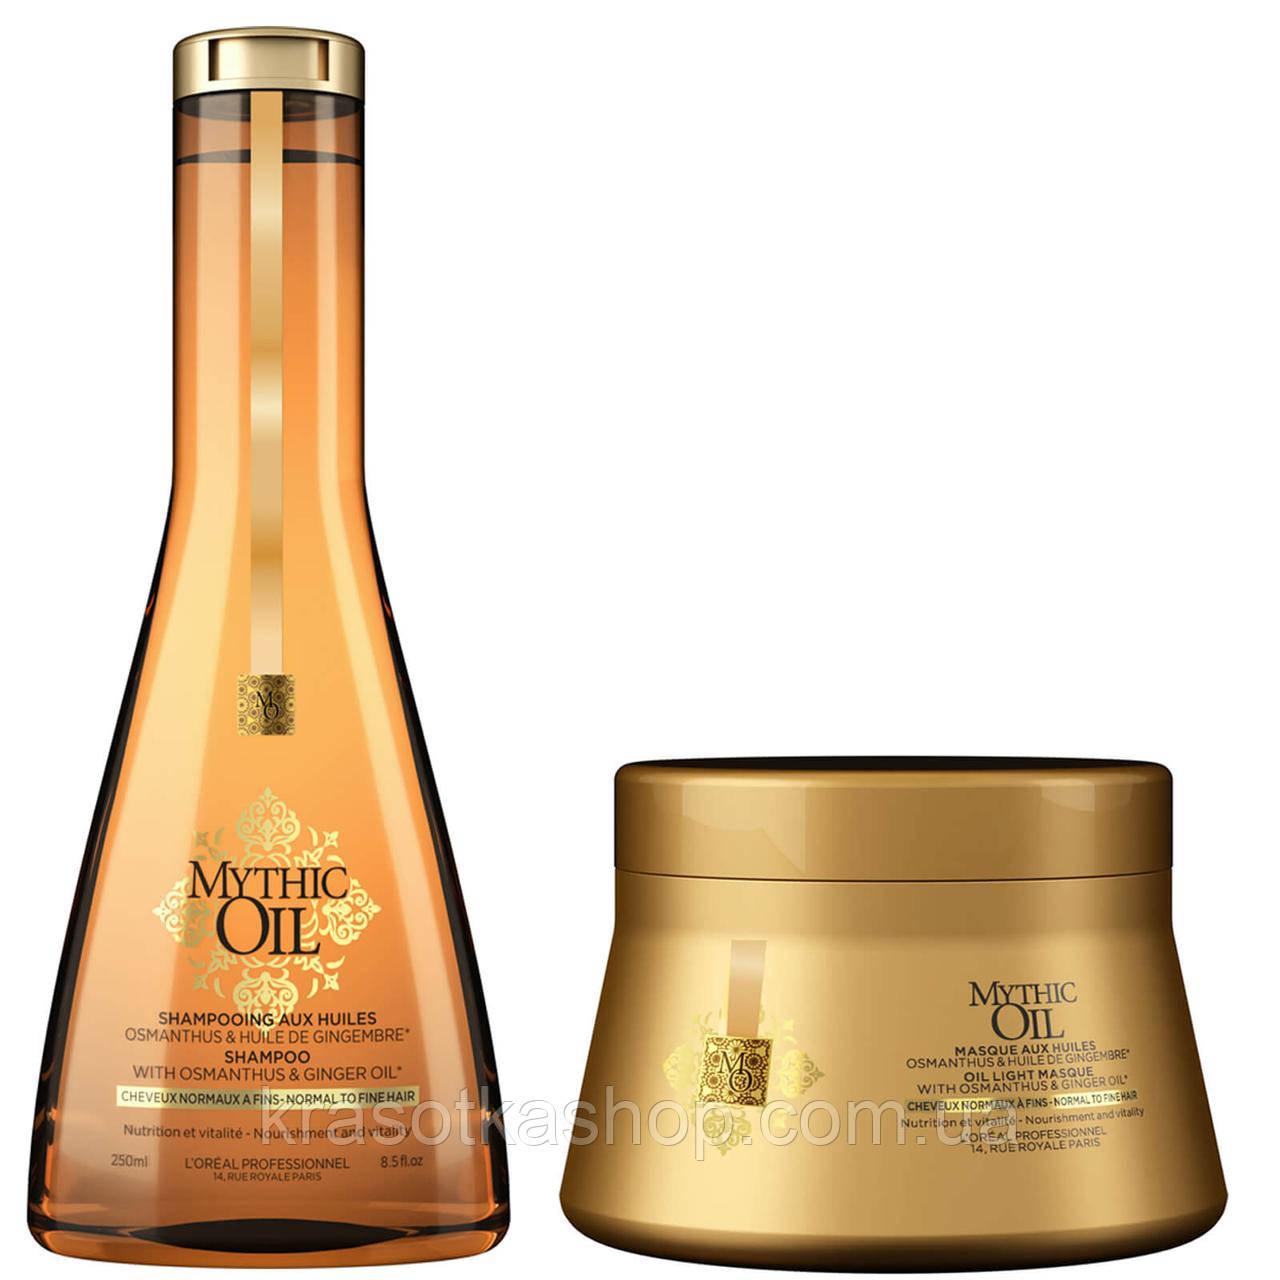 Купить Mythic Oil Masque, L'Oreal - Питательная маска для нормальных и тонких волос, 200 мл, L'Oreal Professionnel